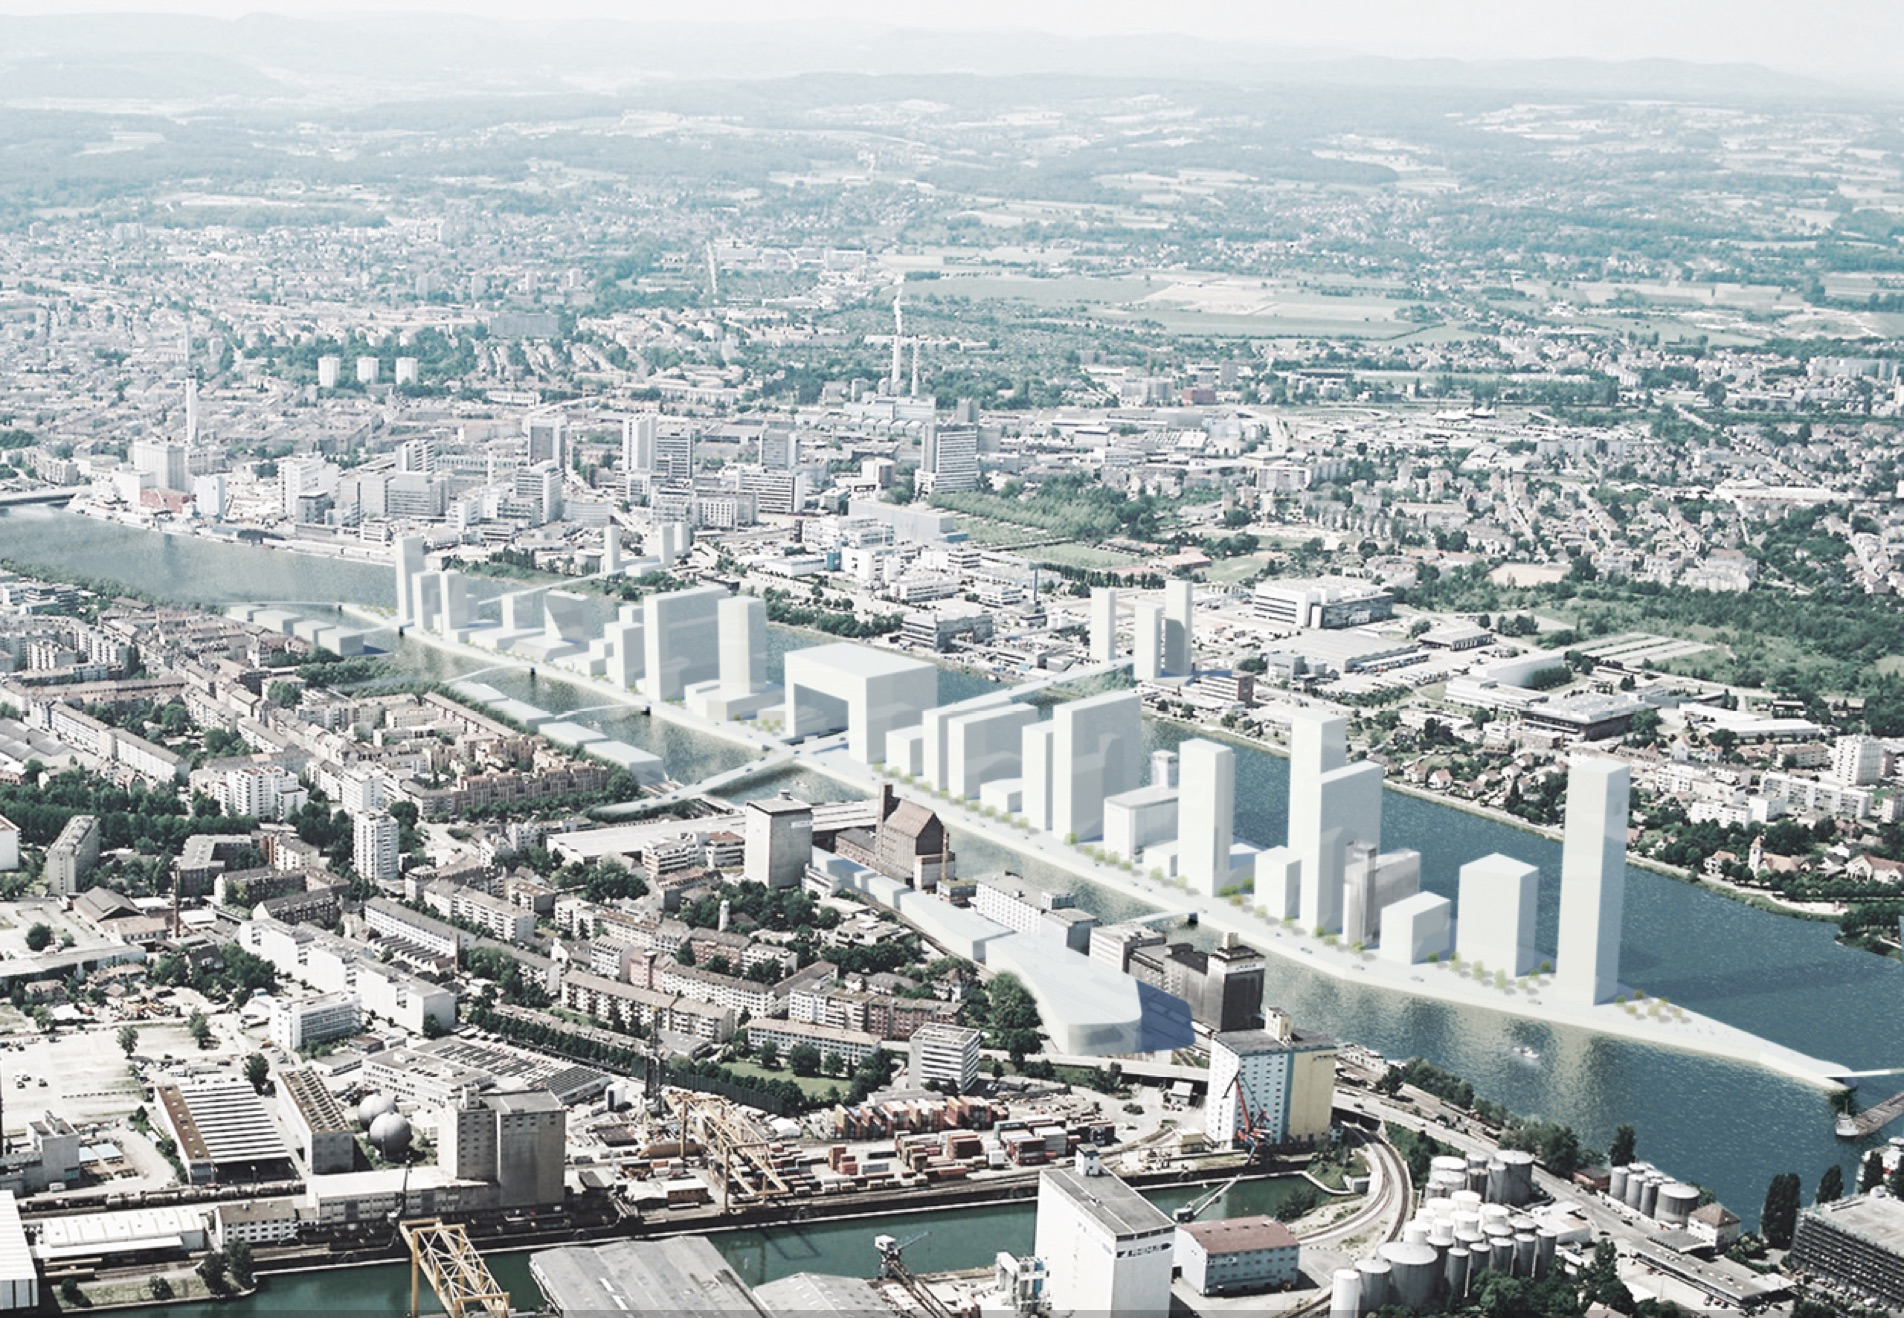 Mitwirkungsprojekt Hafenentwicklung: «Die Hochhausbilder von Rheinhattan sind offensichtlich nicht aus den Köpfen zu bekommen.»